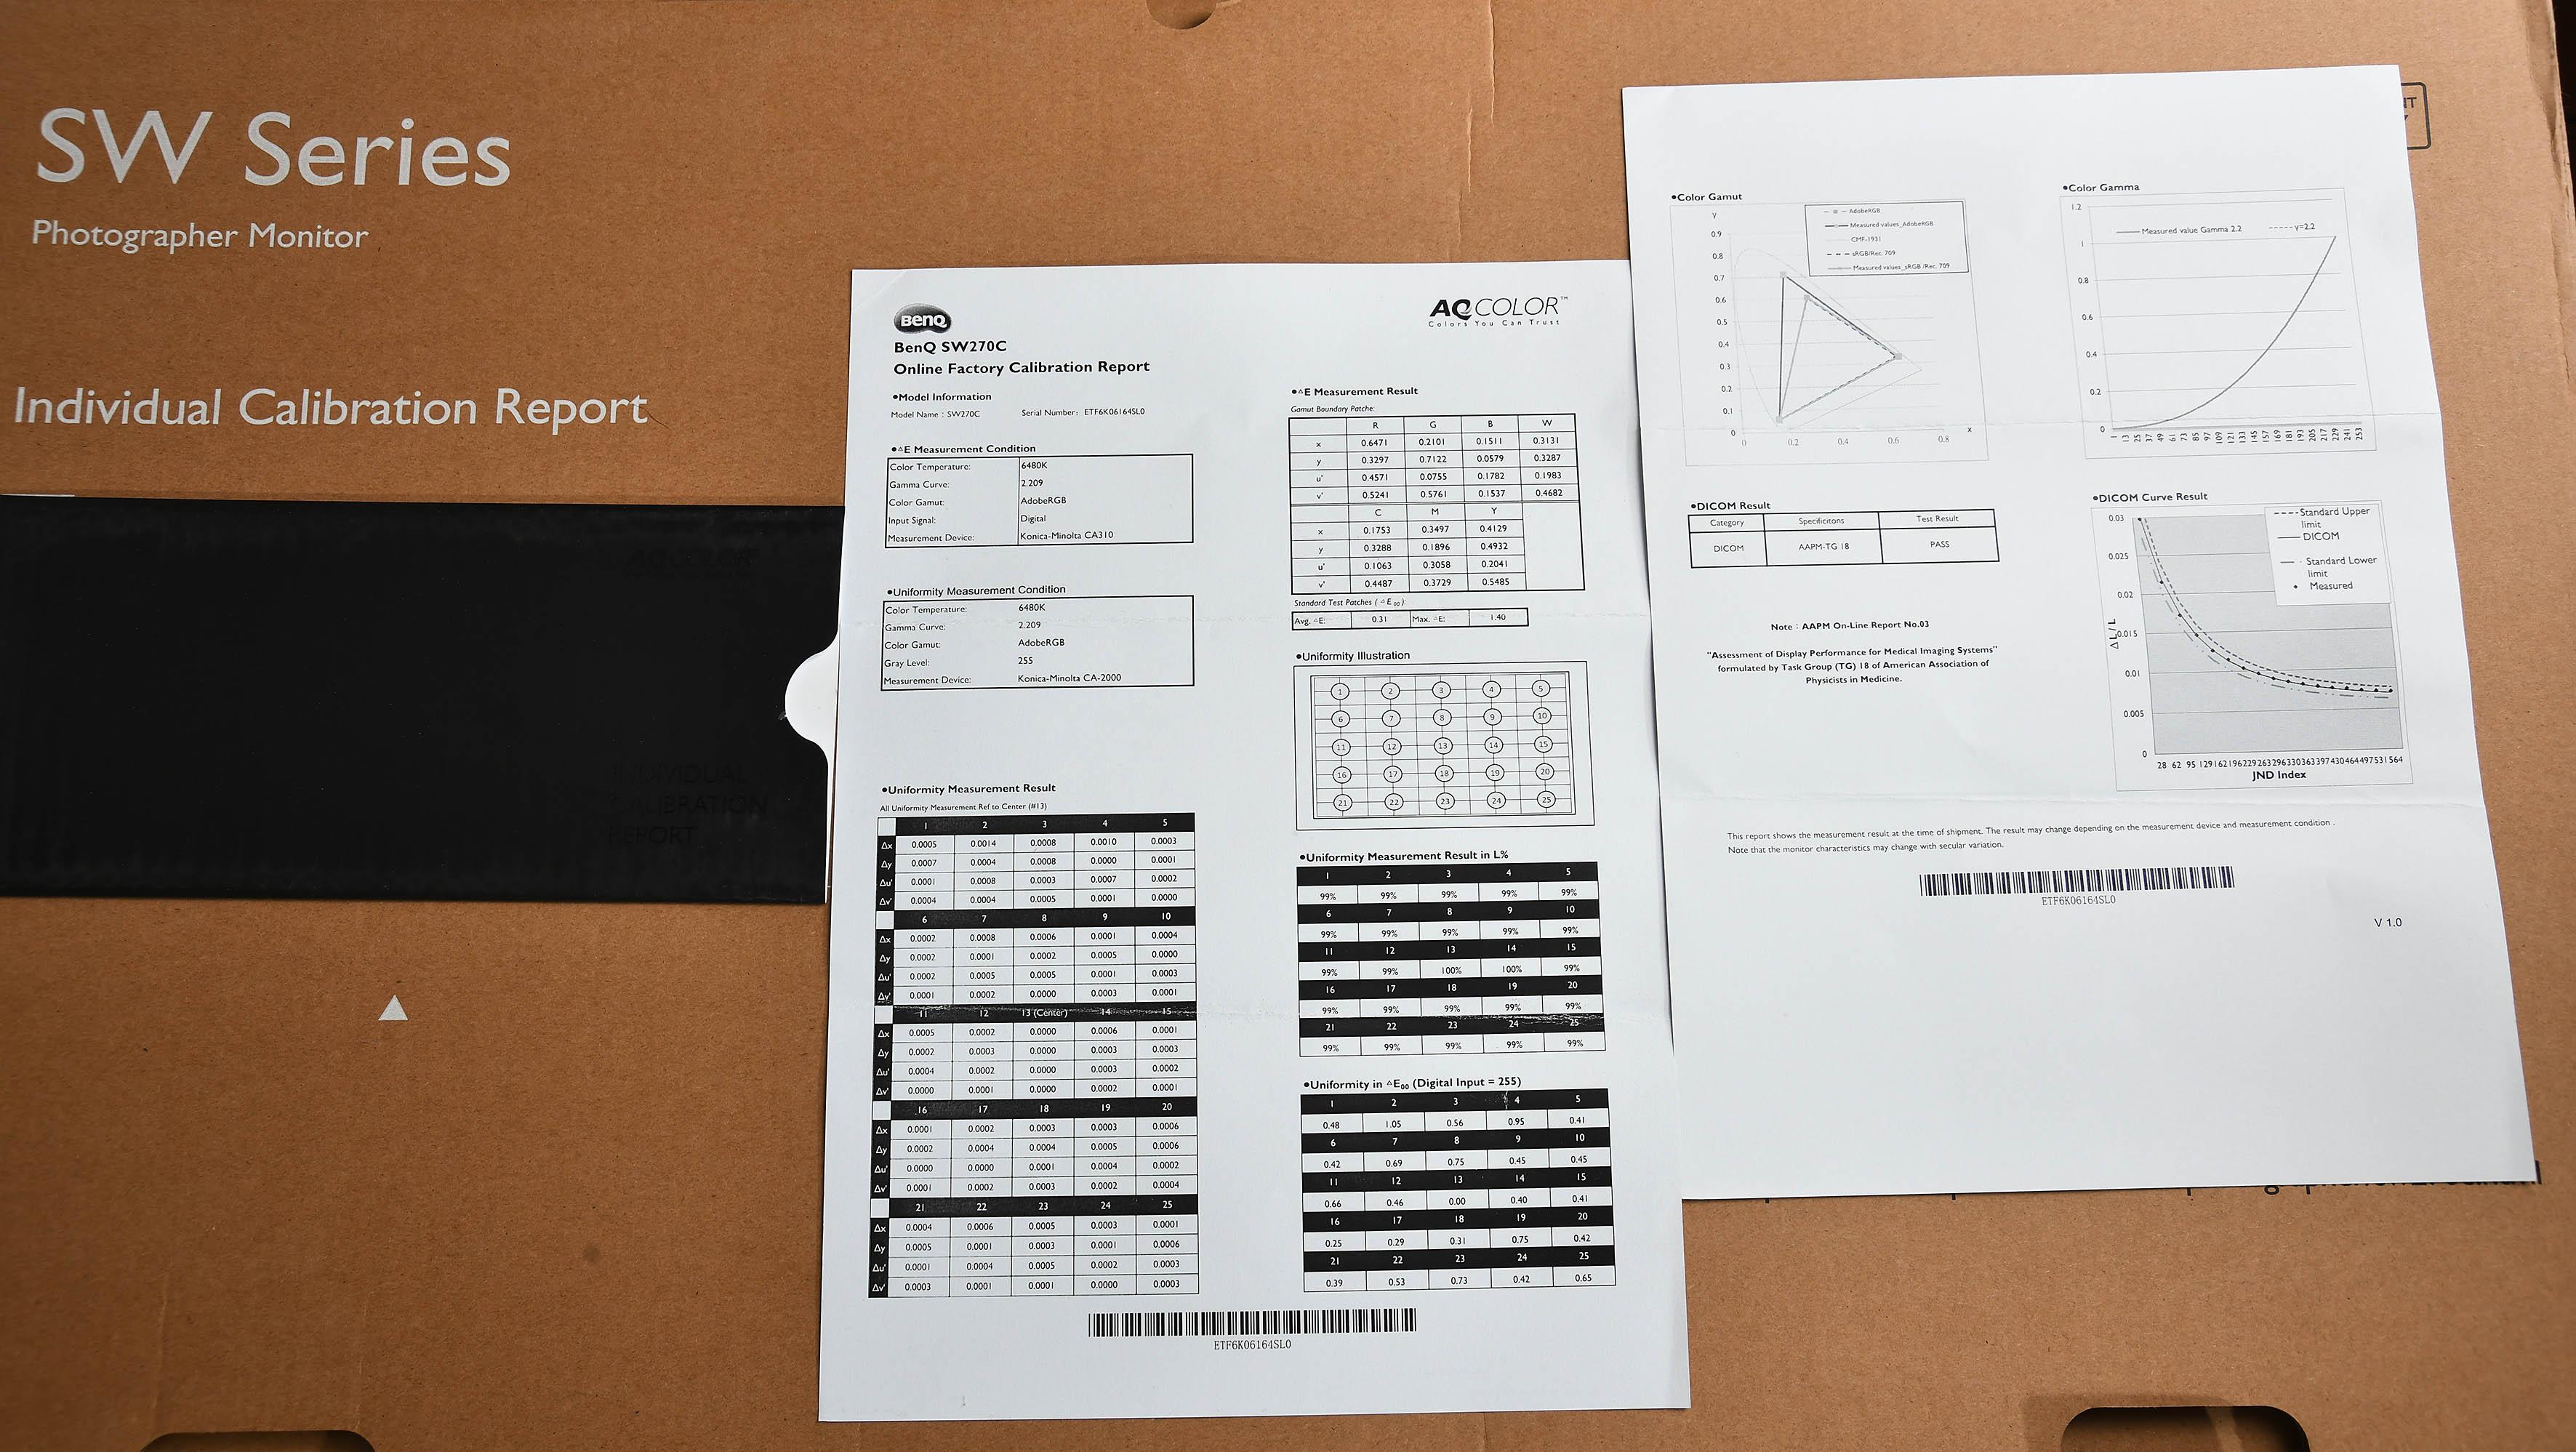 Foto: Michael B. Rehders – Zwei Messprotokolle liegen dem BenQ SW270C bei. Laut der Protokolle soll die Farbtemperatur 6480 Kelvin (D65) betragen; und fast genau diesen Wert zeigt mein Messequipment während der Kontrollmessung an (6481 Kelvin).